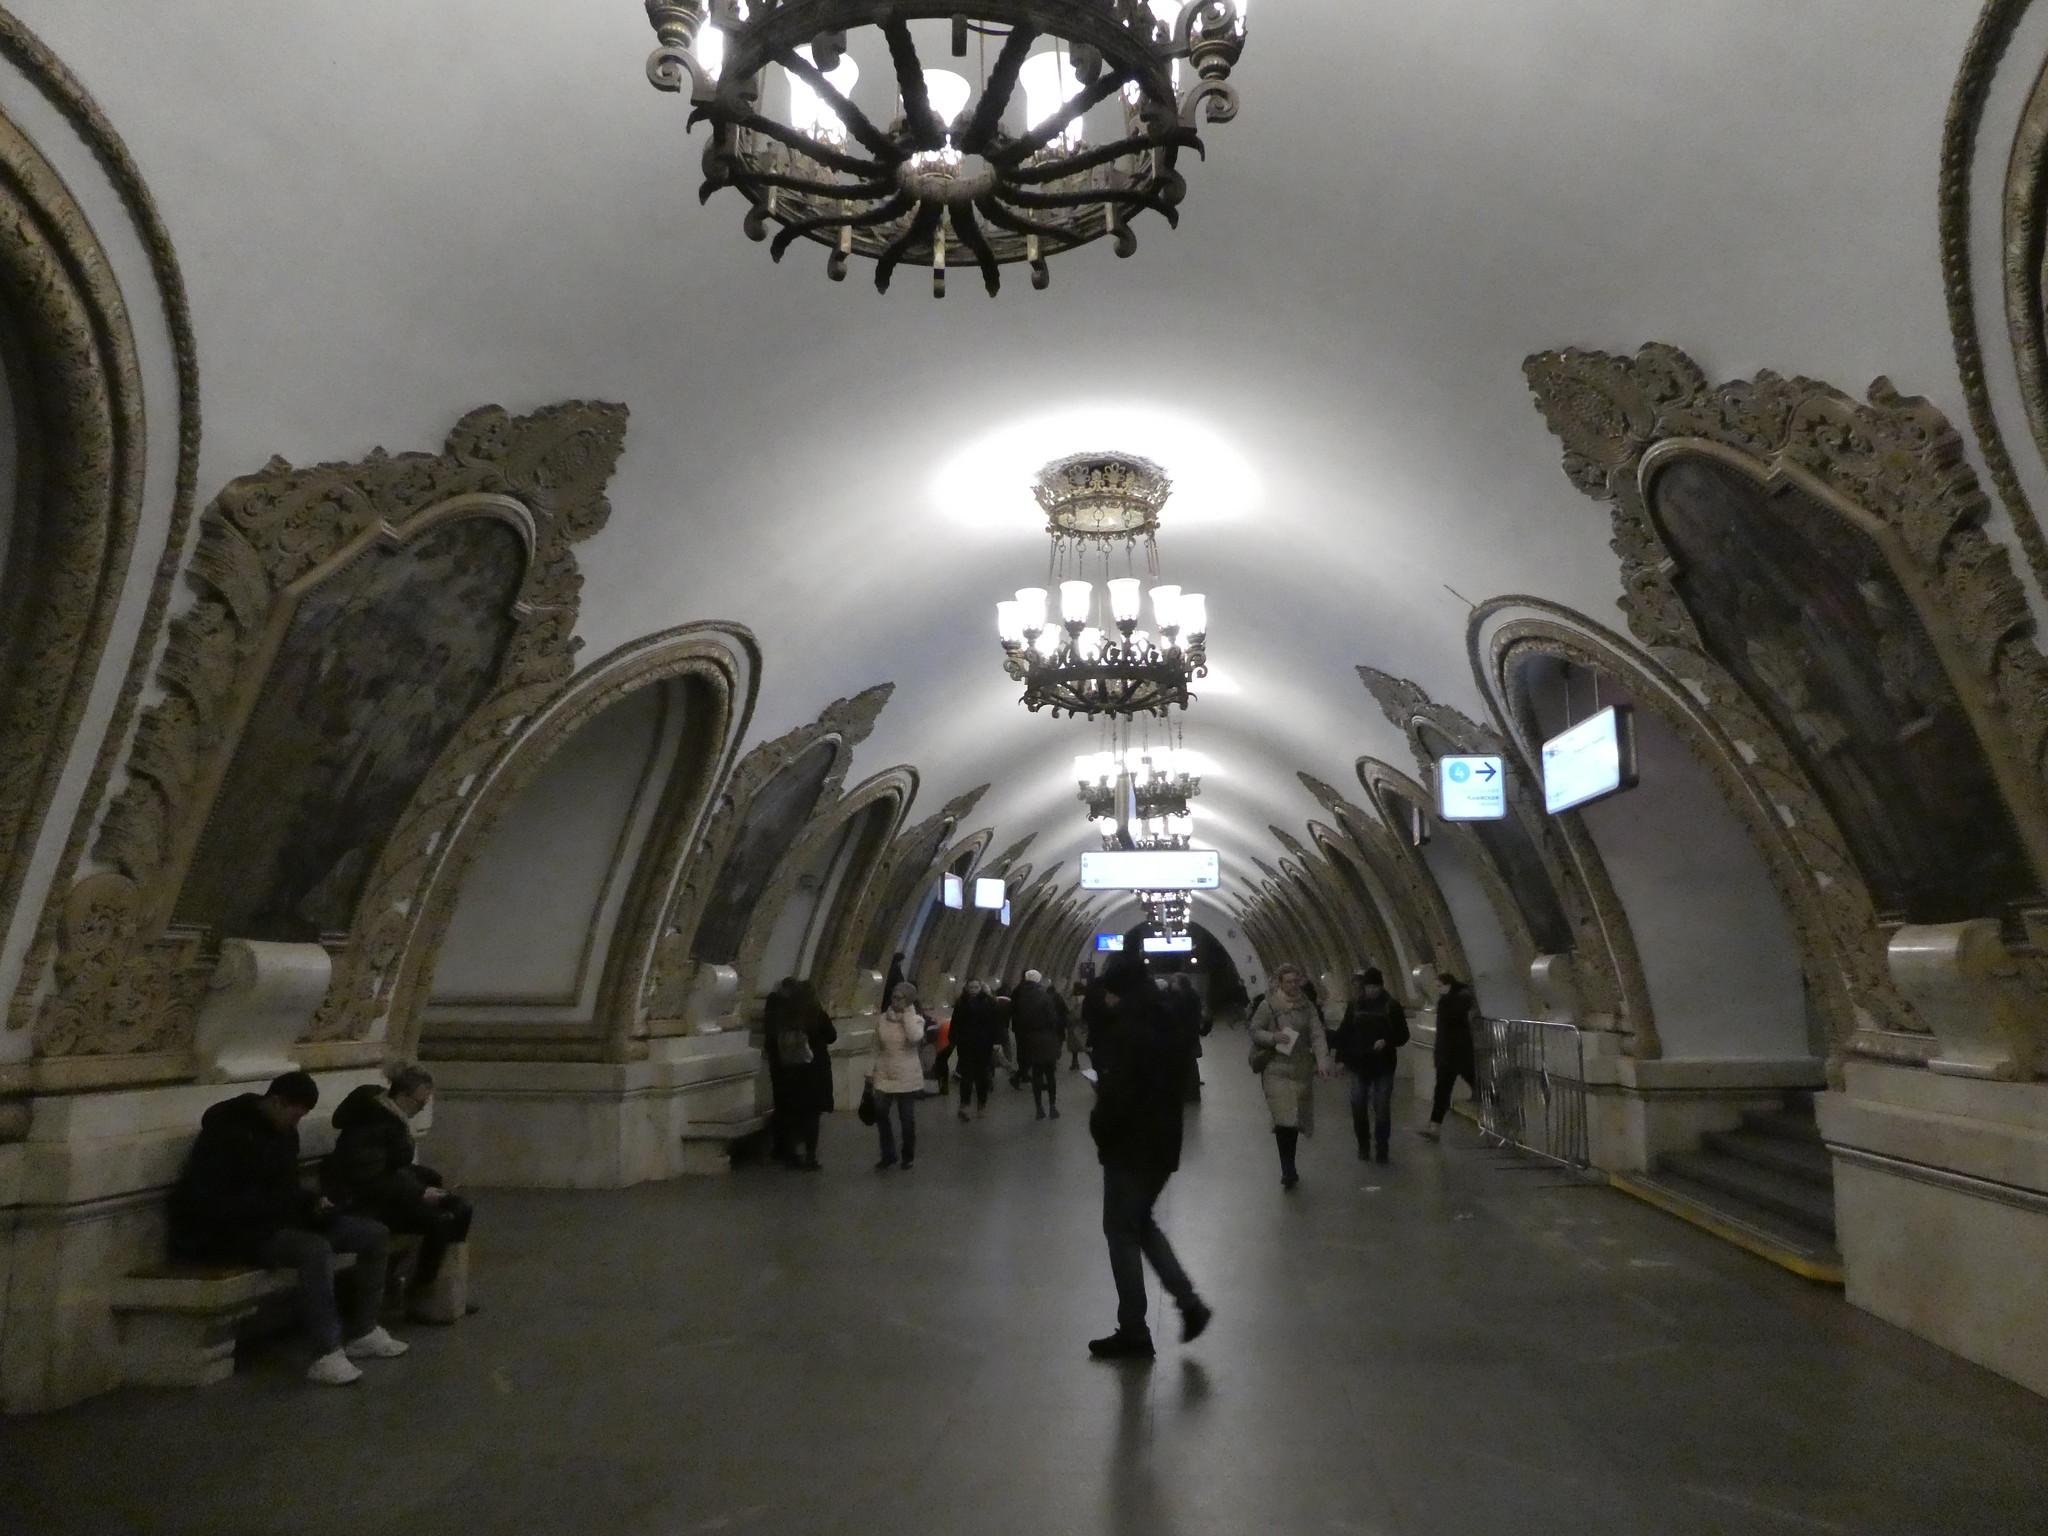 Kiyevskaya metro station, Moscow